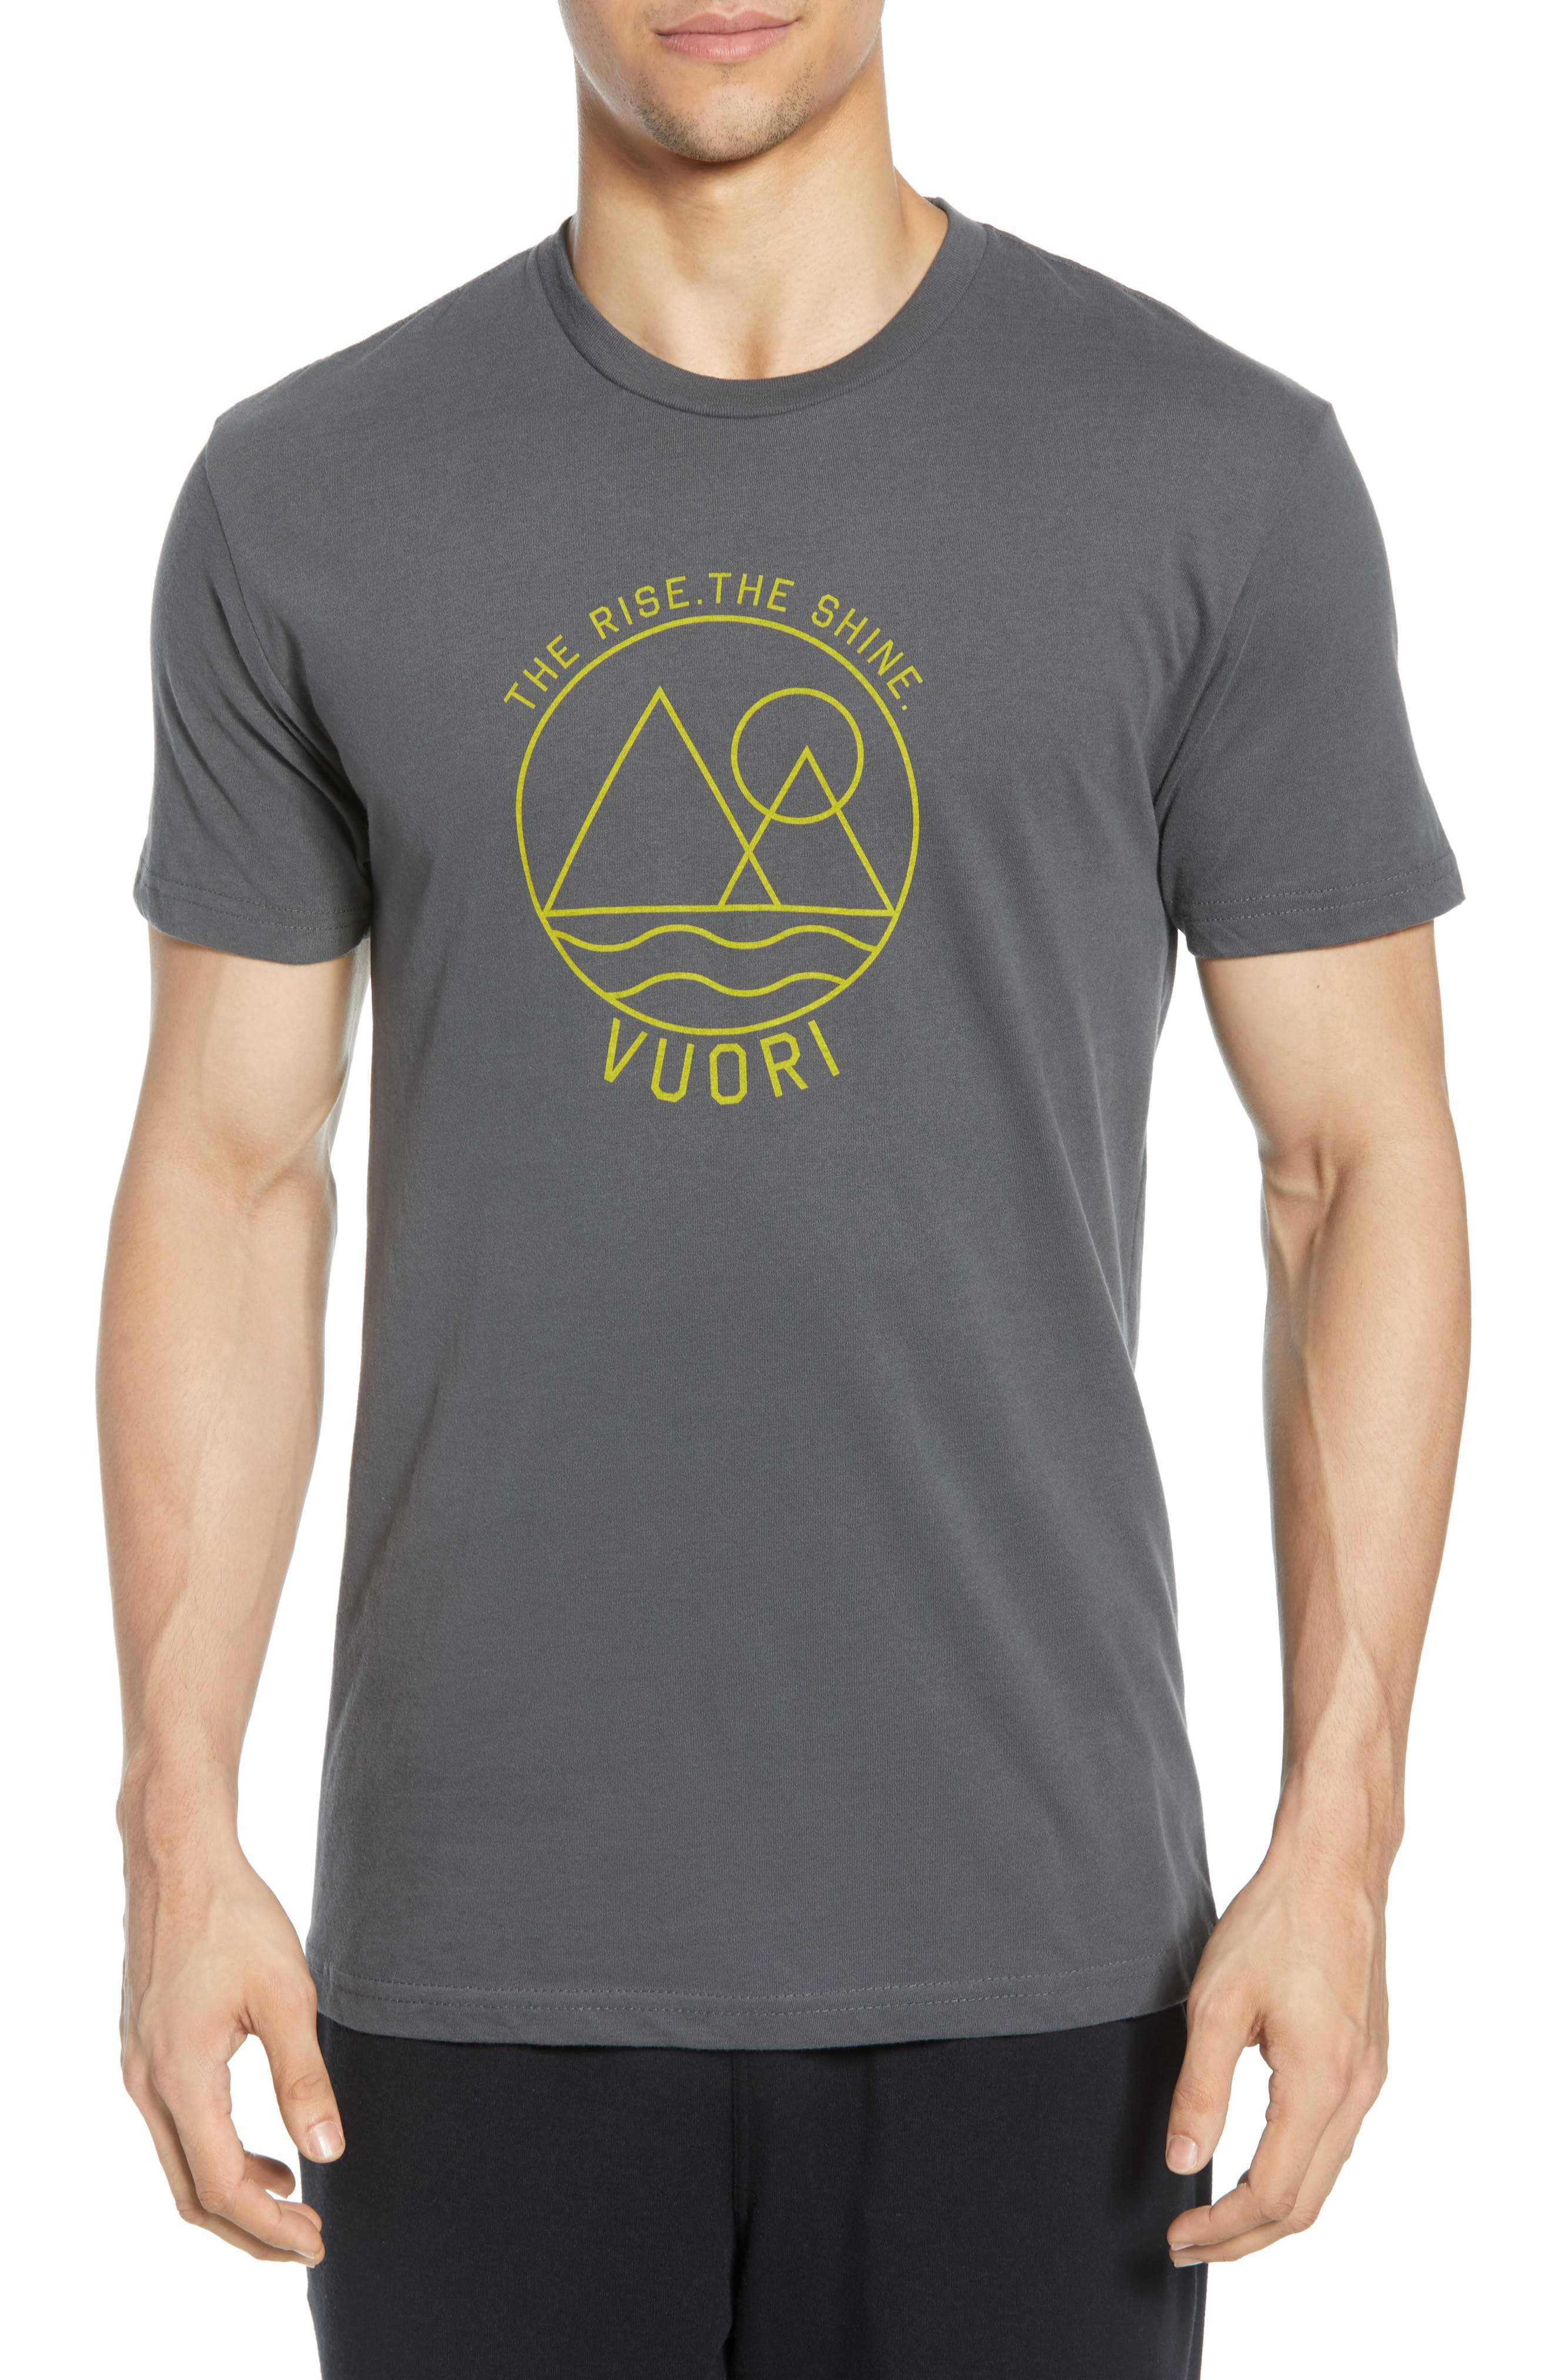 VUORI, The Rise The Shine Graphic T-Shirt, Main thumbnail 1, color, CHARCOAL